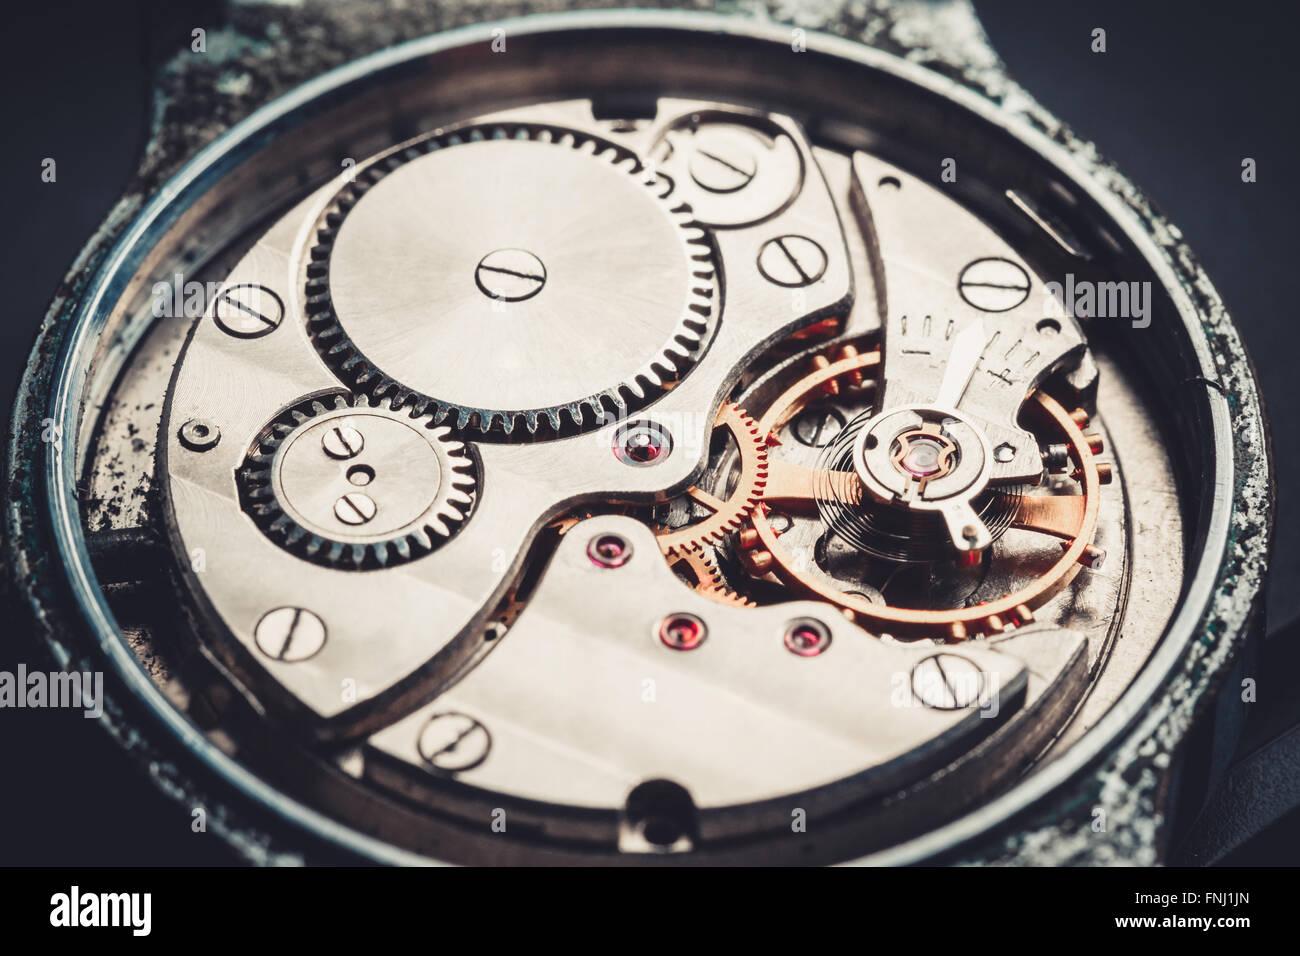 Meccanismo vintage antico orologio da polso bella originale nero e sfondo metallico Immagini Stock